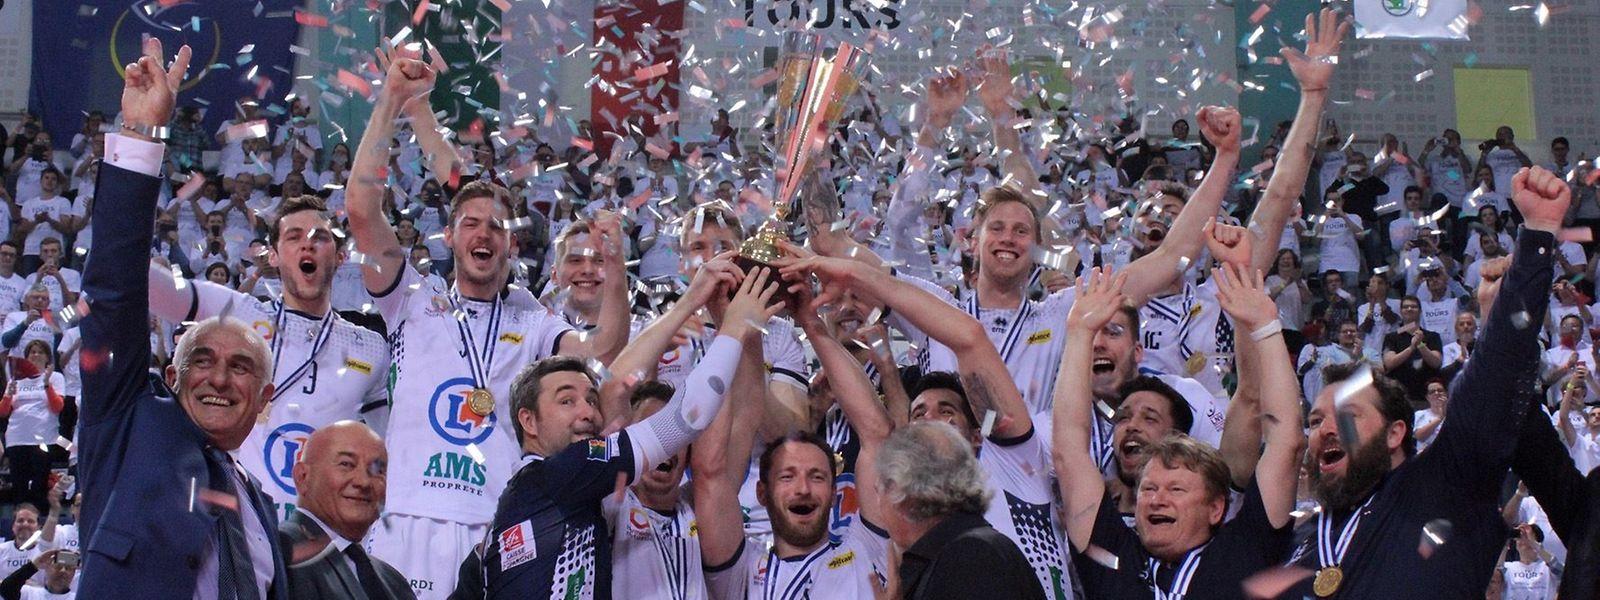 Im Freudentaumel: Die Volleyballer aus Tours haben den goldenen Satz für sich entschieden. Der Luxemburger Chris Zuidberg (hinten, 3.v.l.) war mittendrin.